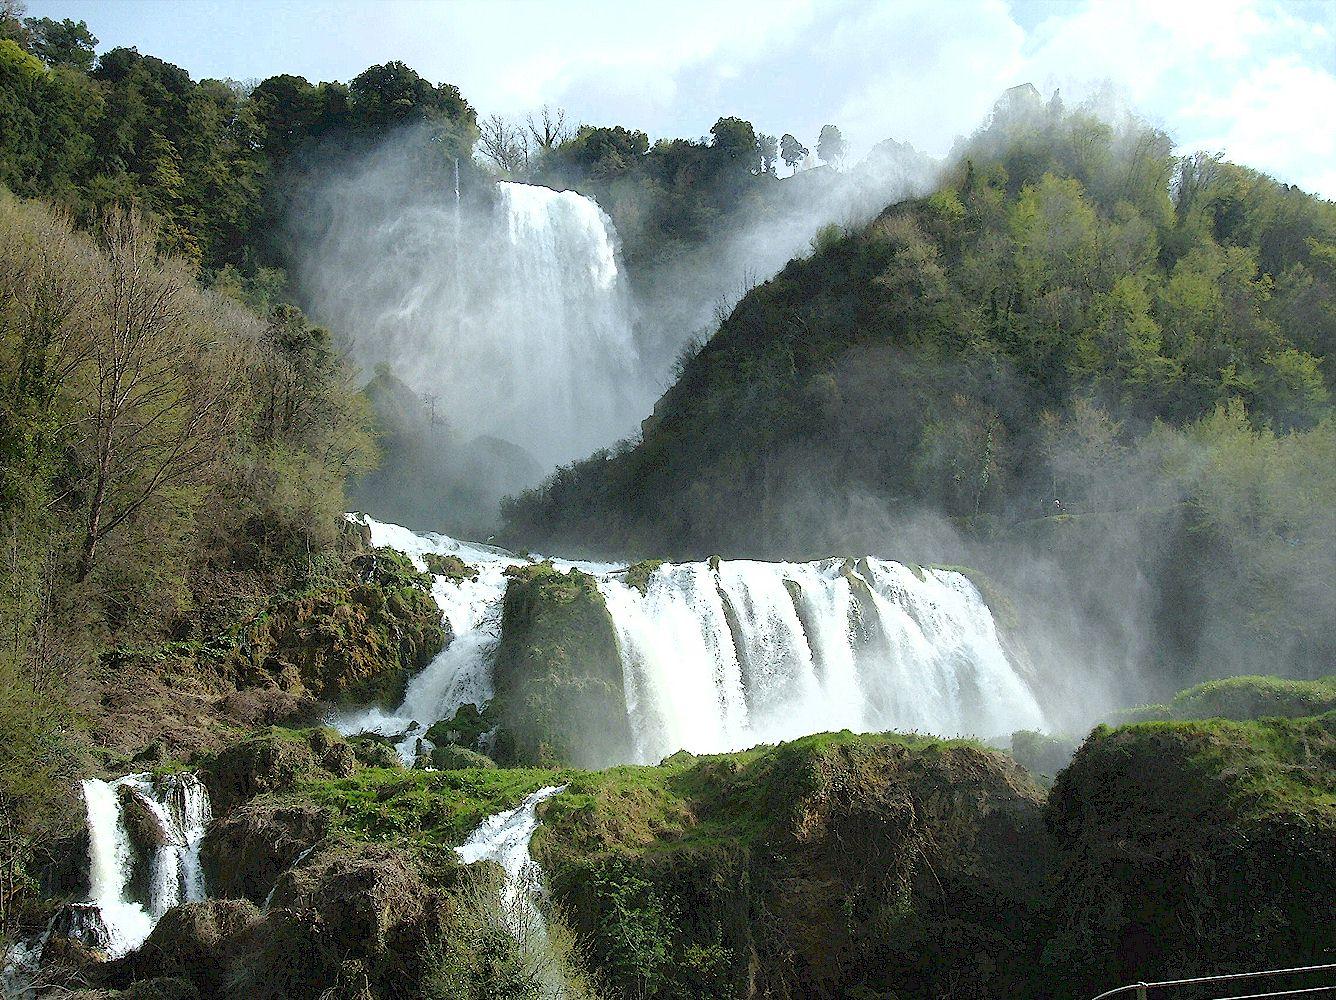 Cascata delle Marmore in Umbria, Italy